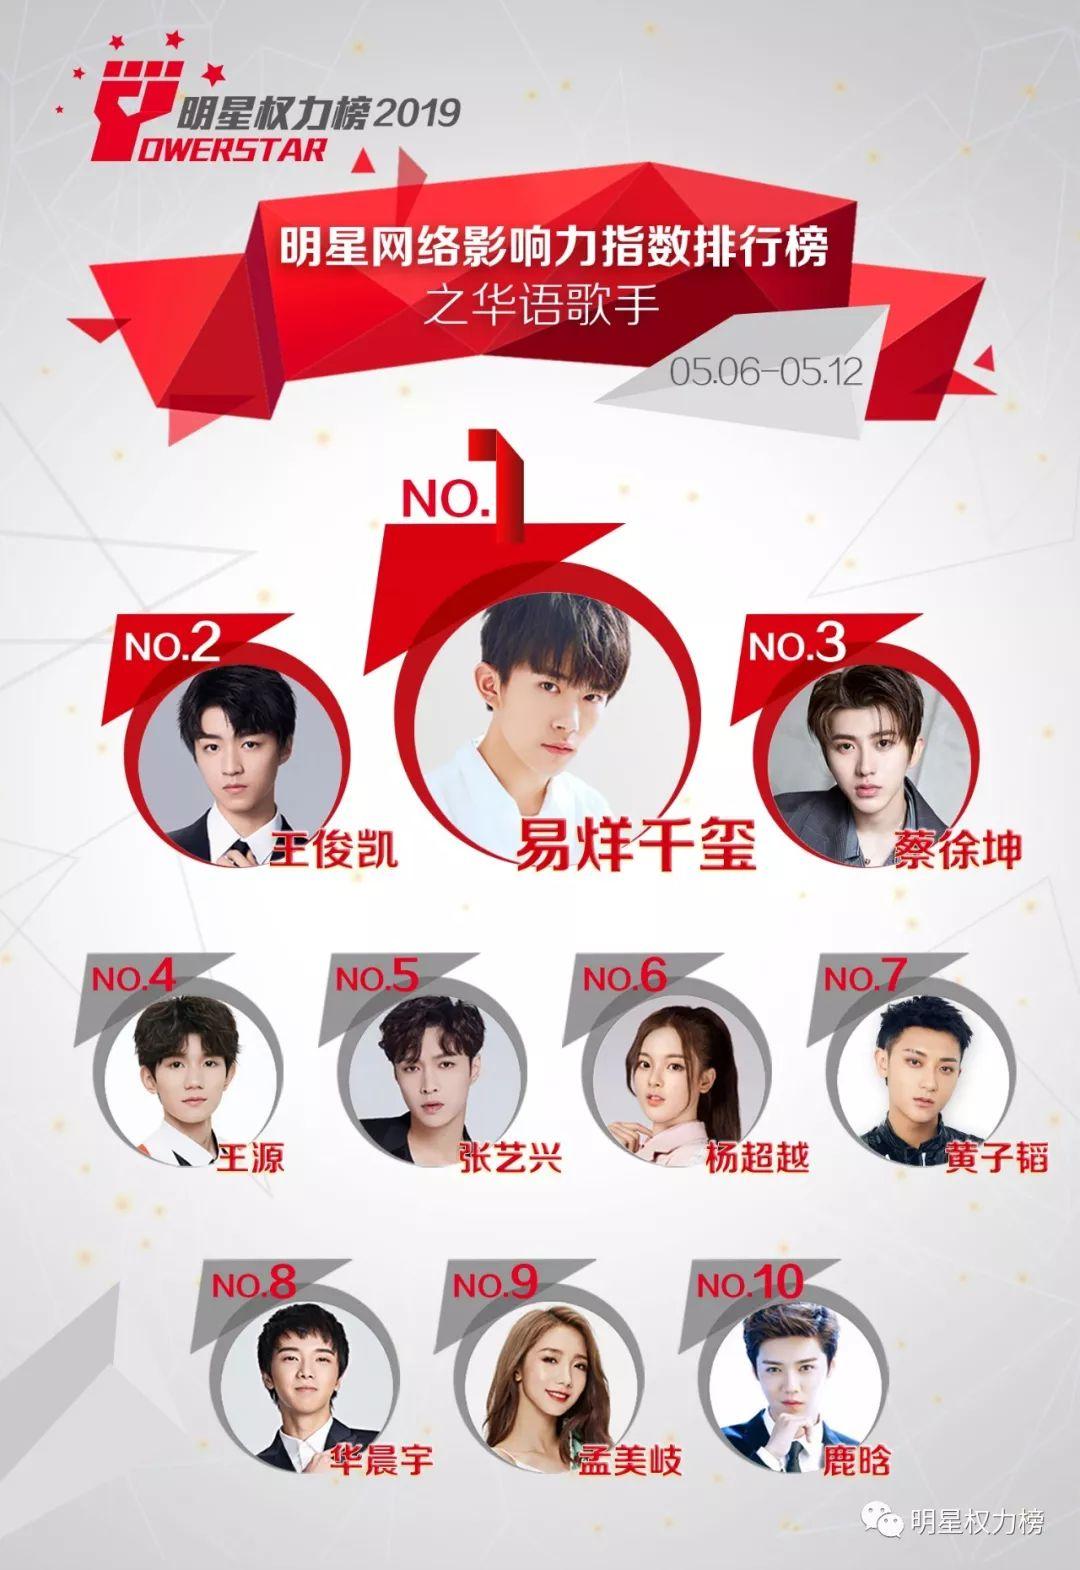 明星网络影响力指数排行榜第199期榜单之华语歌手Top10